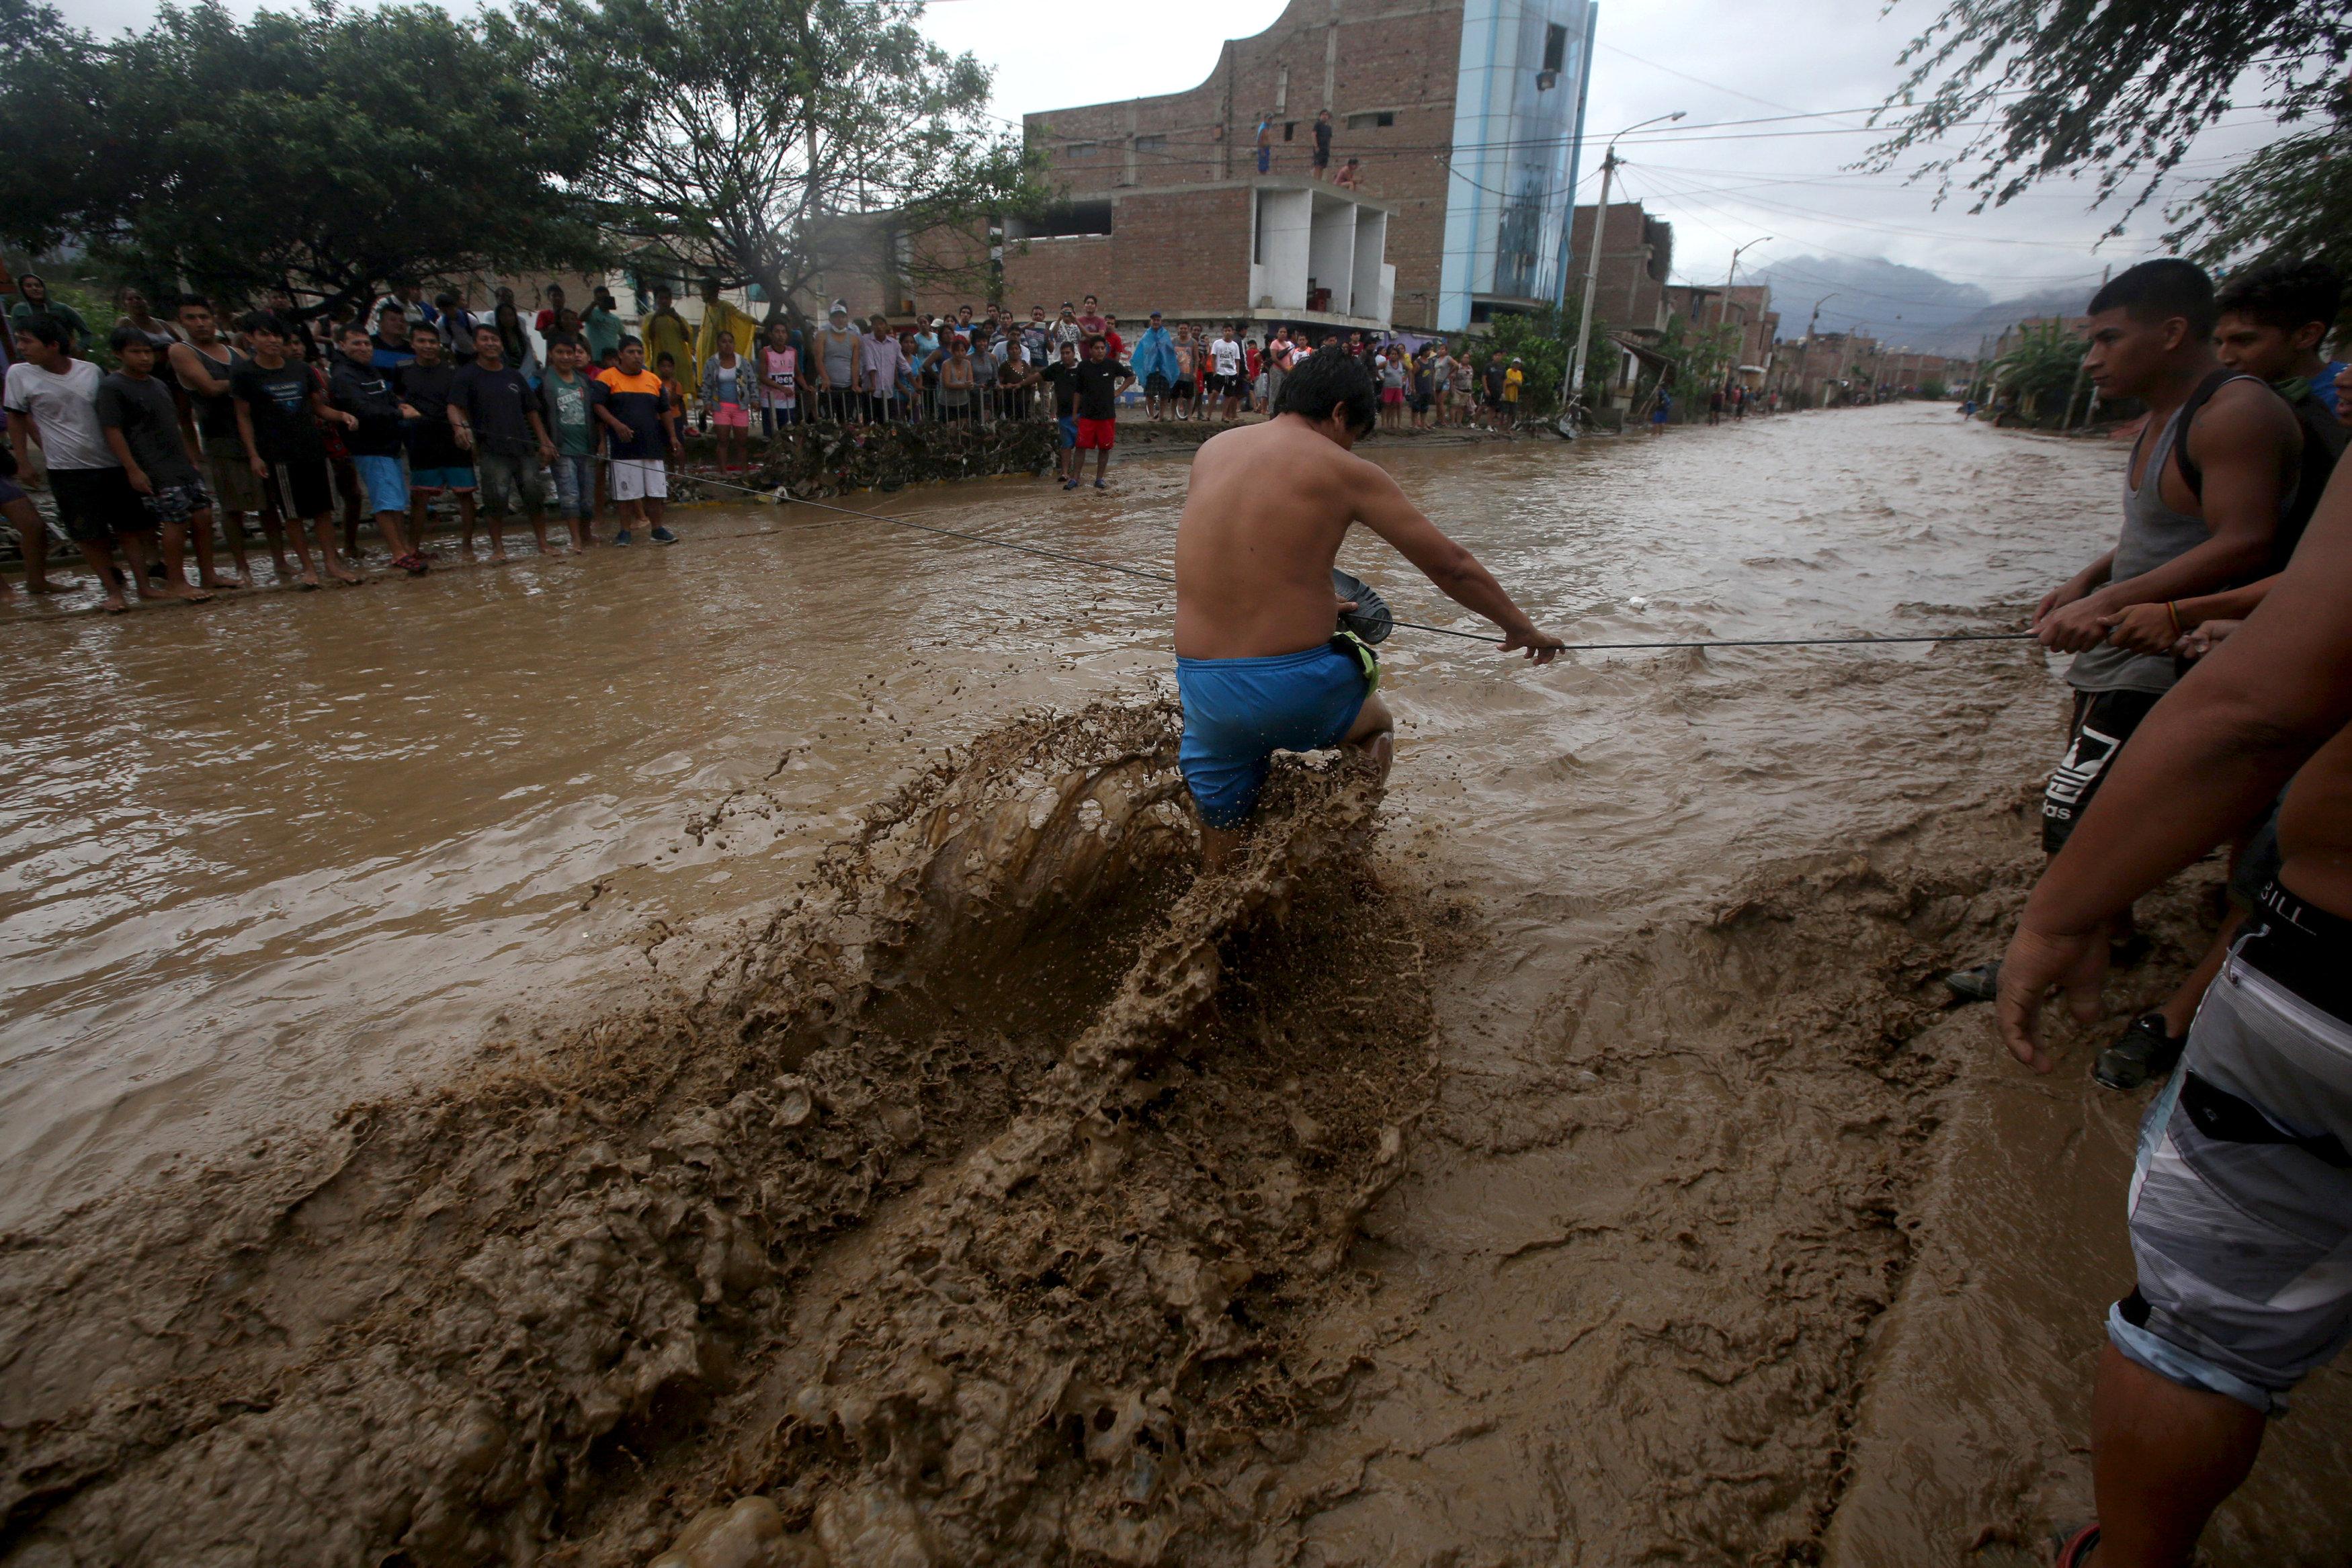 فيضانات هوايكو تدمر 134 ألف منزل وتشرد الآلاف فى بيرو